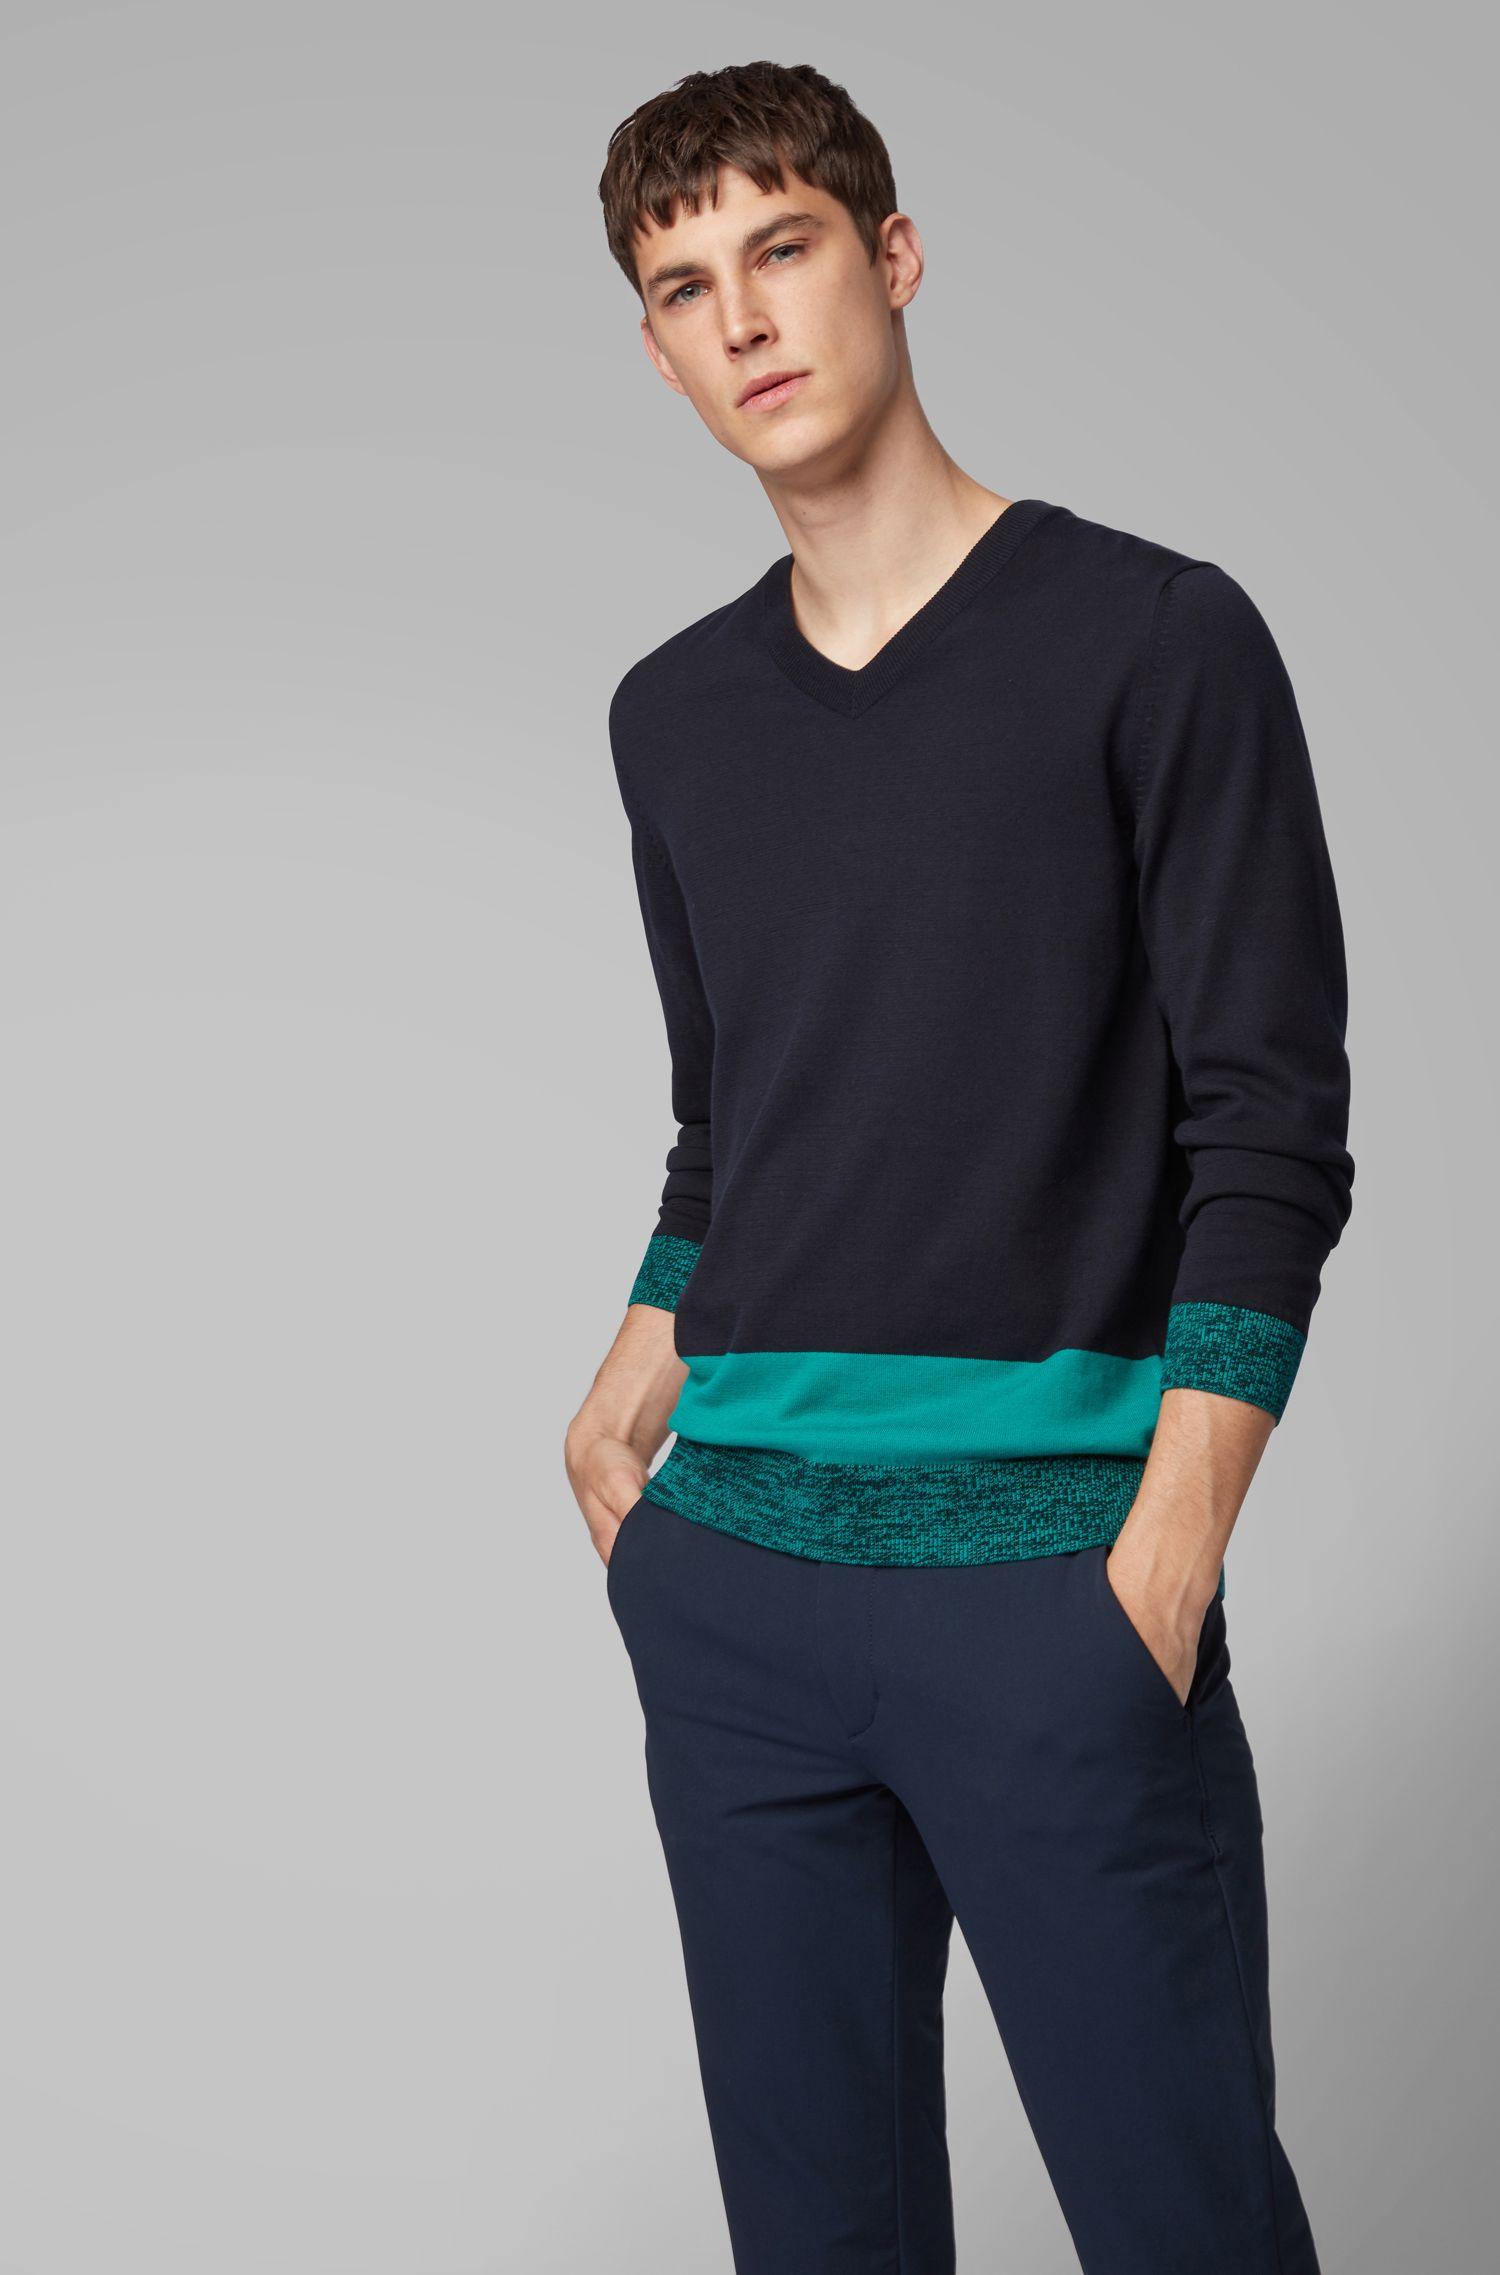 Maglione in cotone Pima italiano con scollo a V e orlo a blocchi di colore, Blu scuro